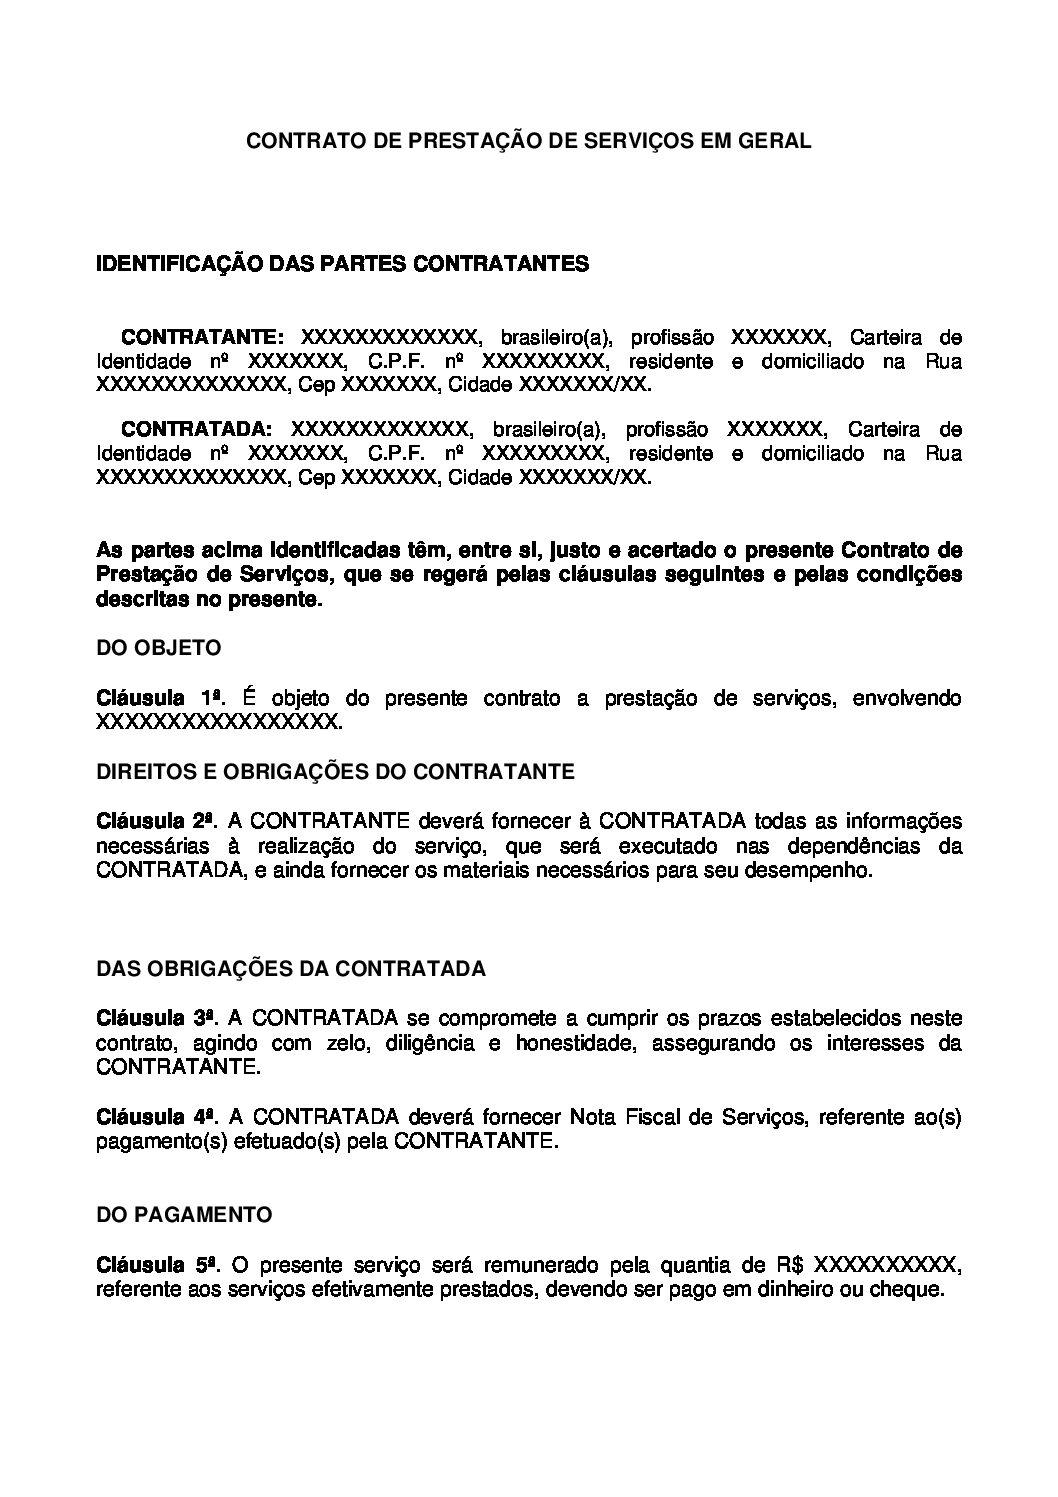 Contrato de Prestação de Serviços em Geral